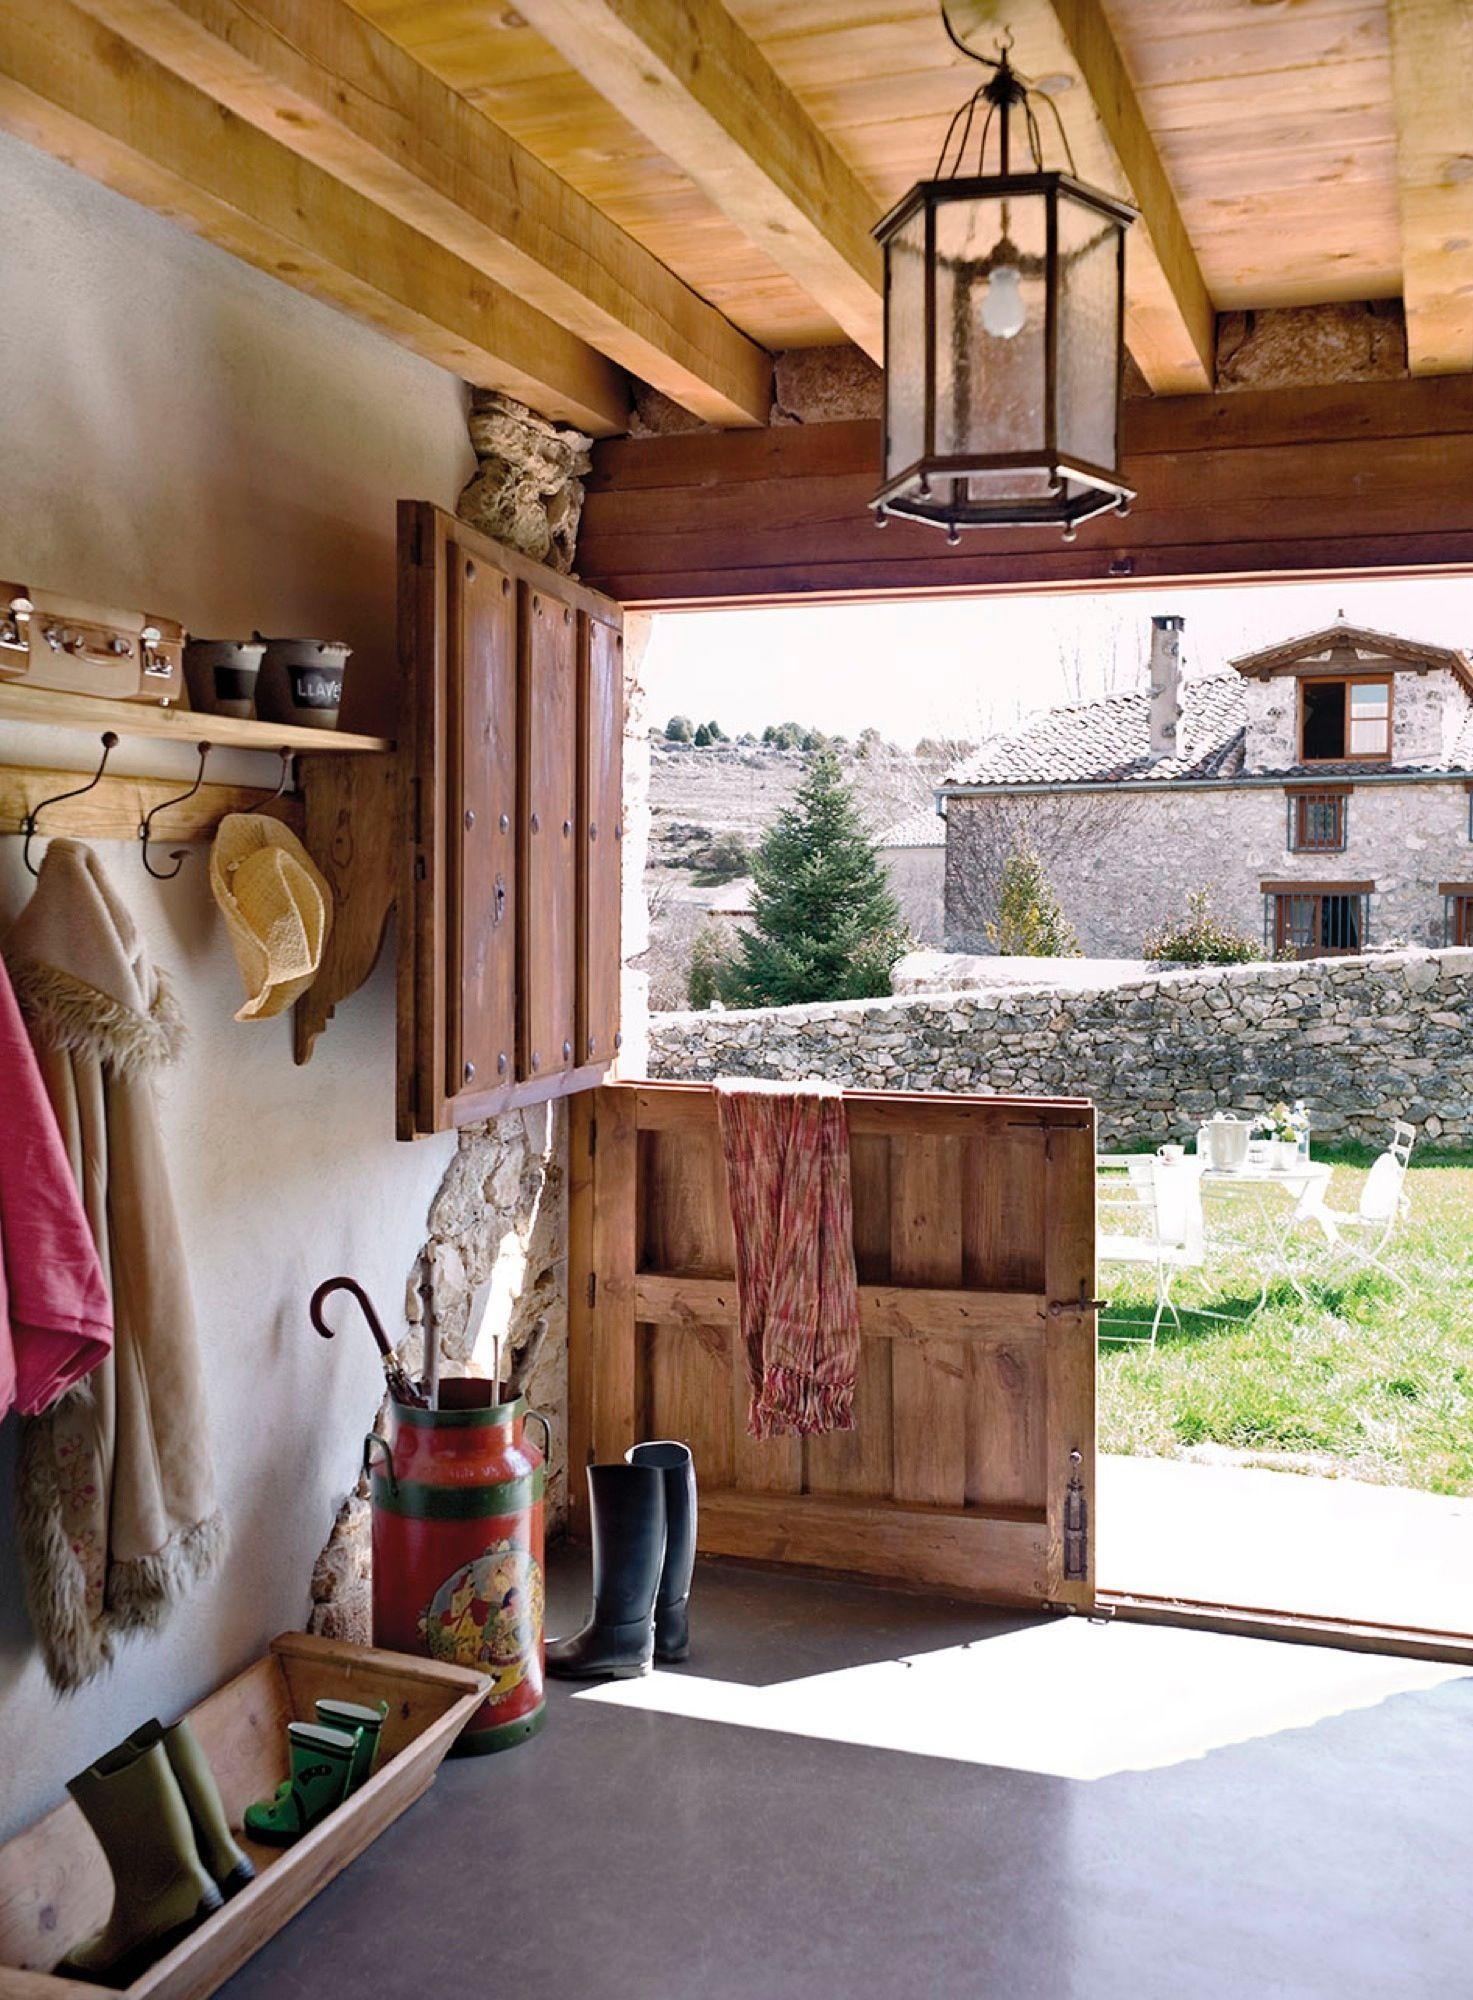 12 recibidores r sticos decorados recibo pinterest - Entradas de casas rusticas ...